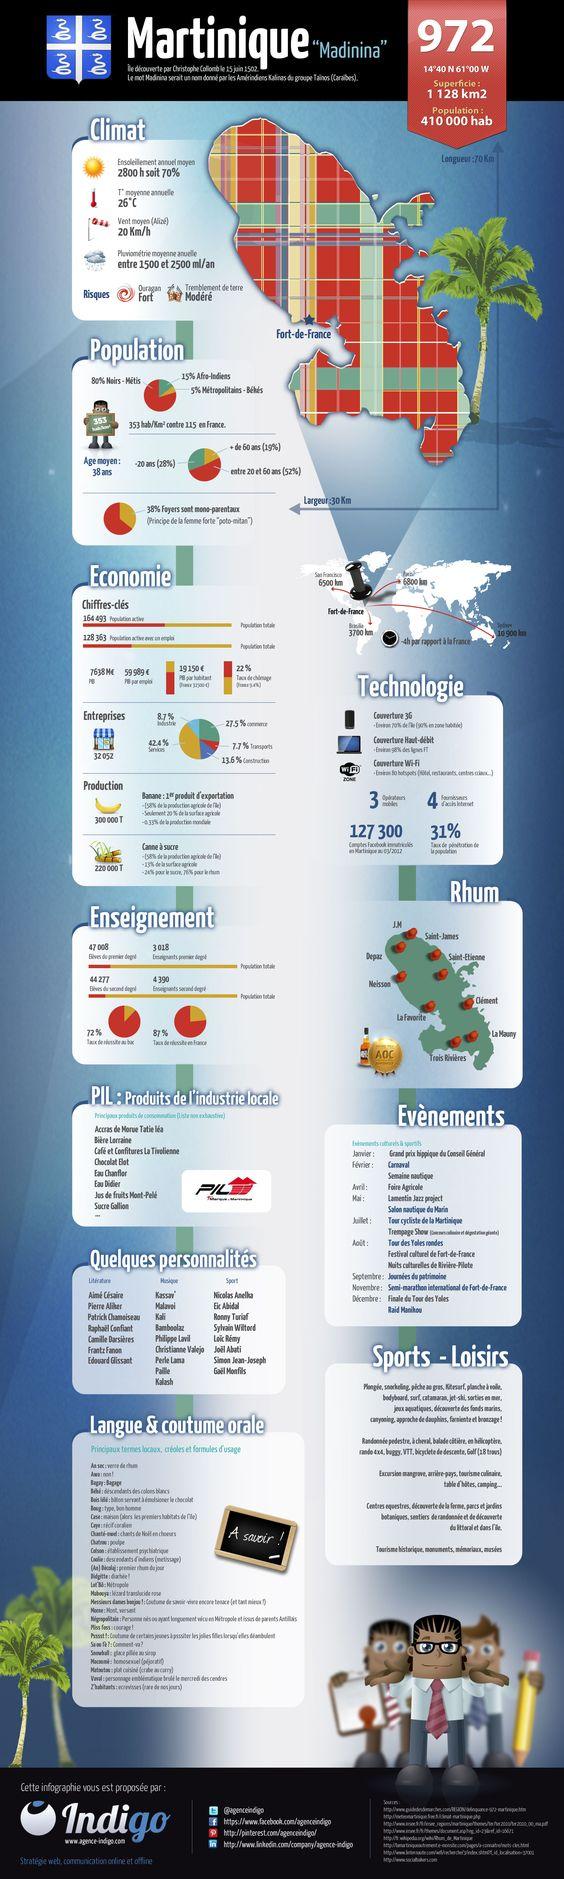 Petite infographie descriptive de notre île ! Découvrez par l'image les informations essentielles quant à l'île aux fleurs : chiffres clé, climat, économie, social, technologie, bon à savoir, loisirs, etc…         ÉCRIRE UN COMMENTAIRE VIA FACEBOOK commentaires